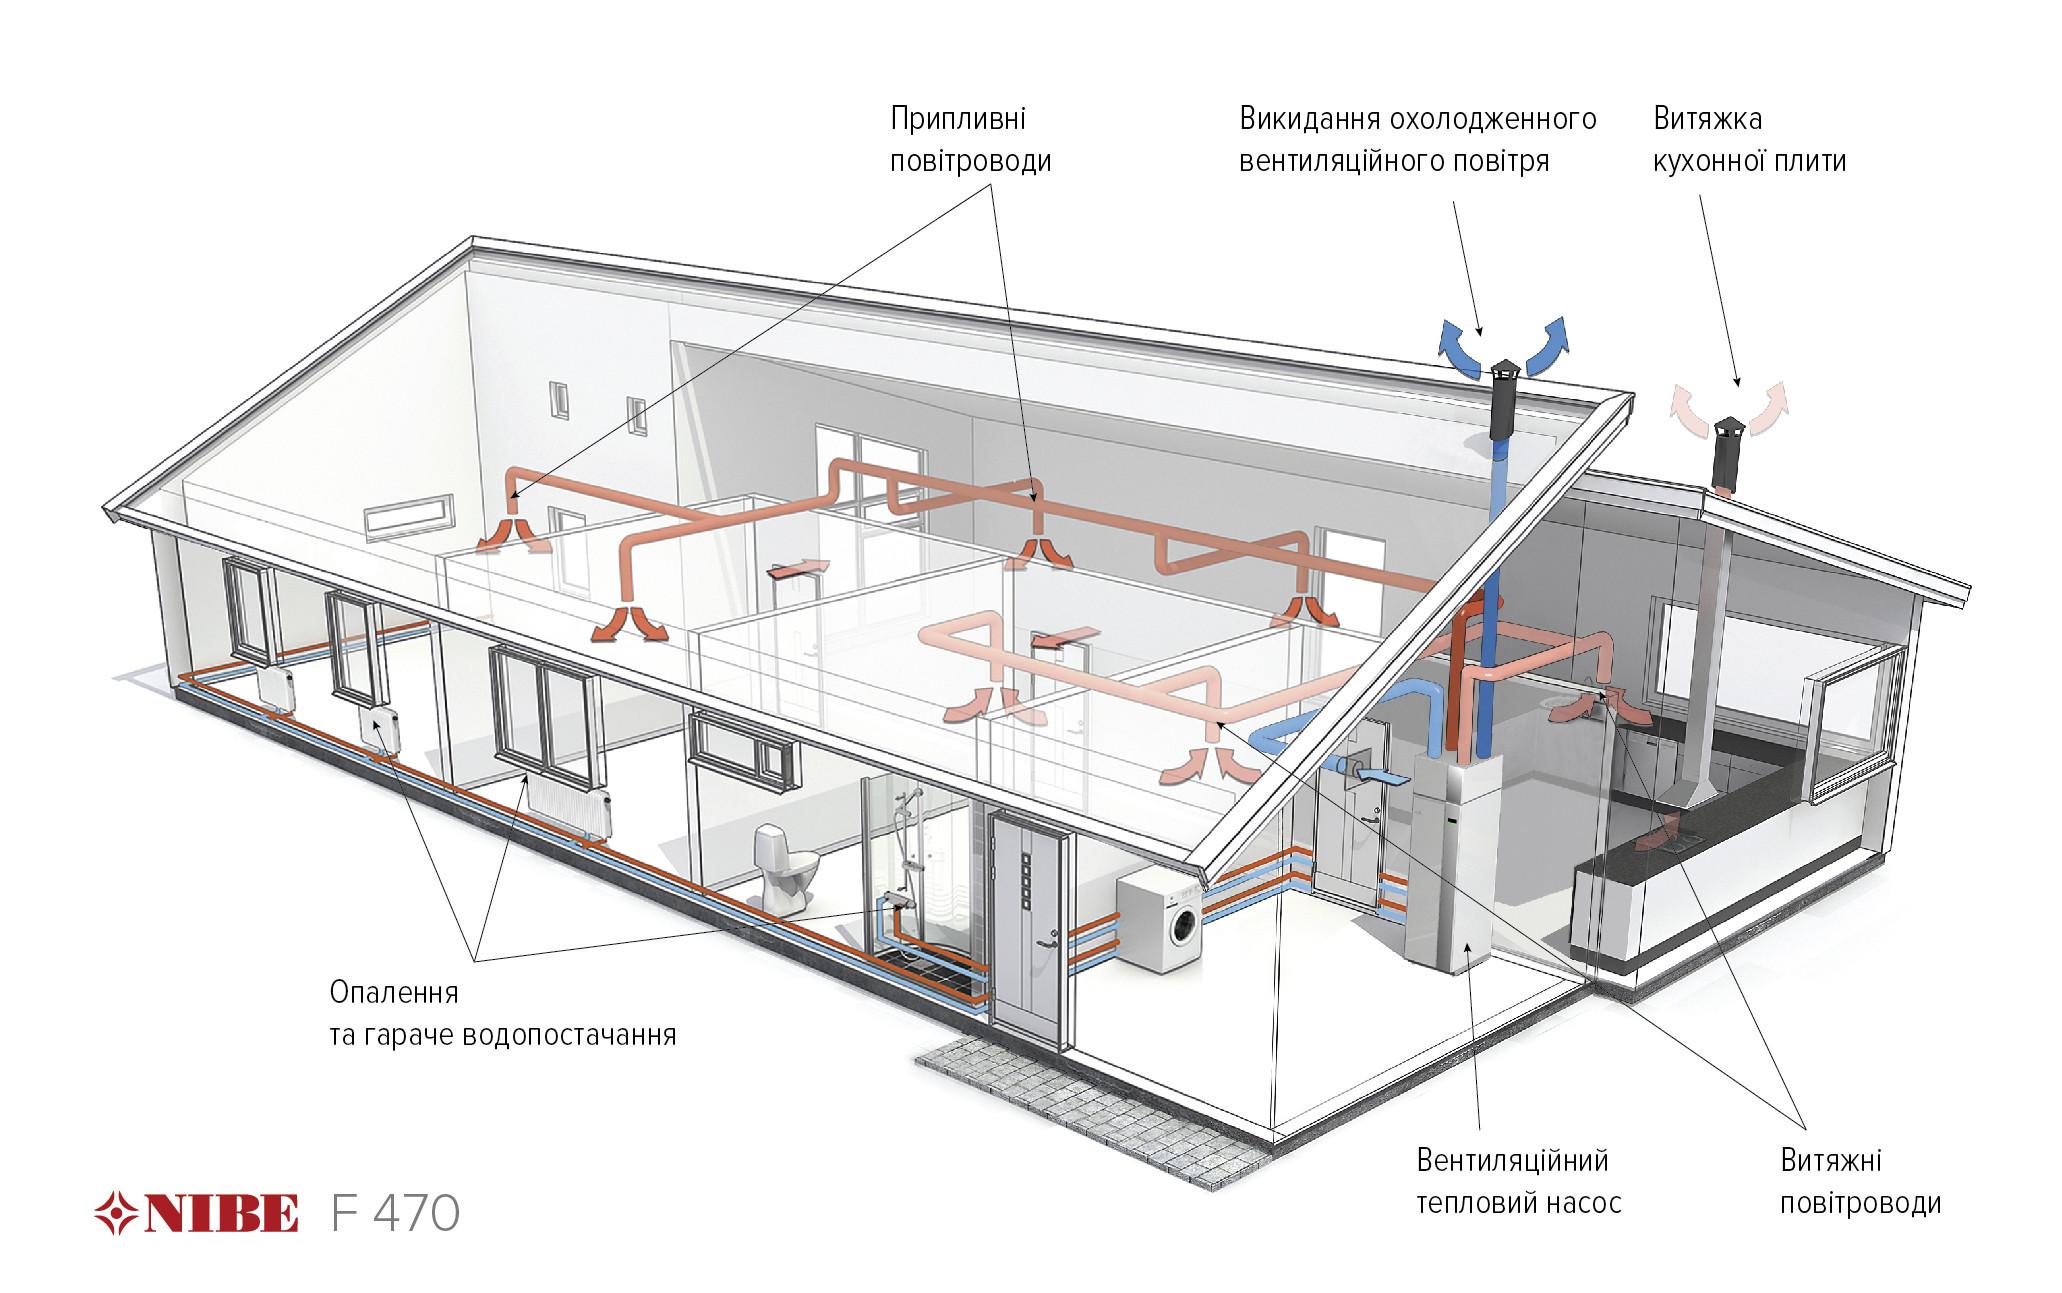 Схема роботи вентиляційного теплового насосу - рекуператора NIBE F470